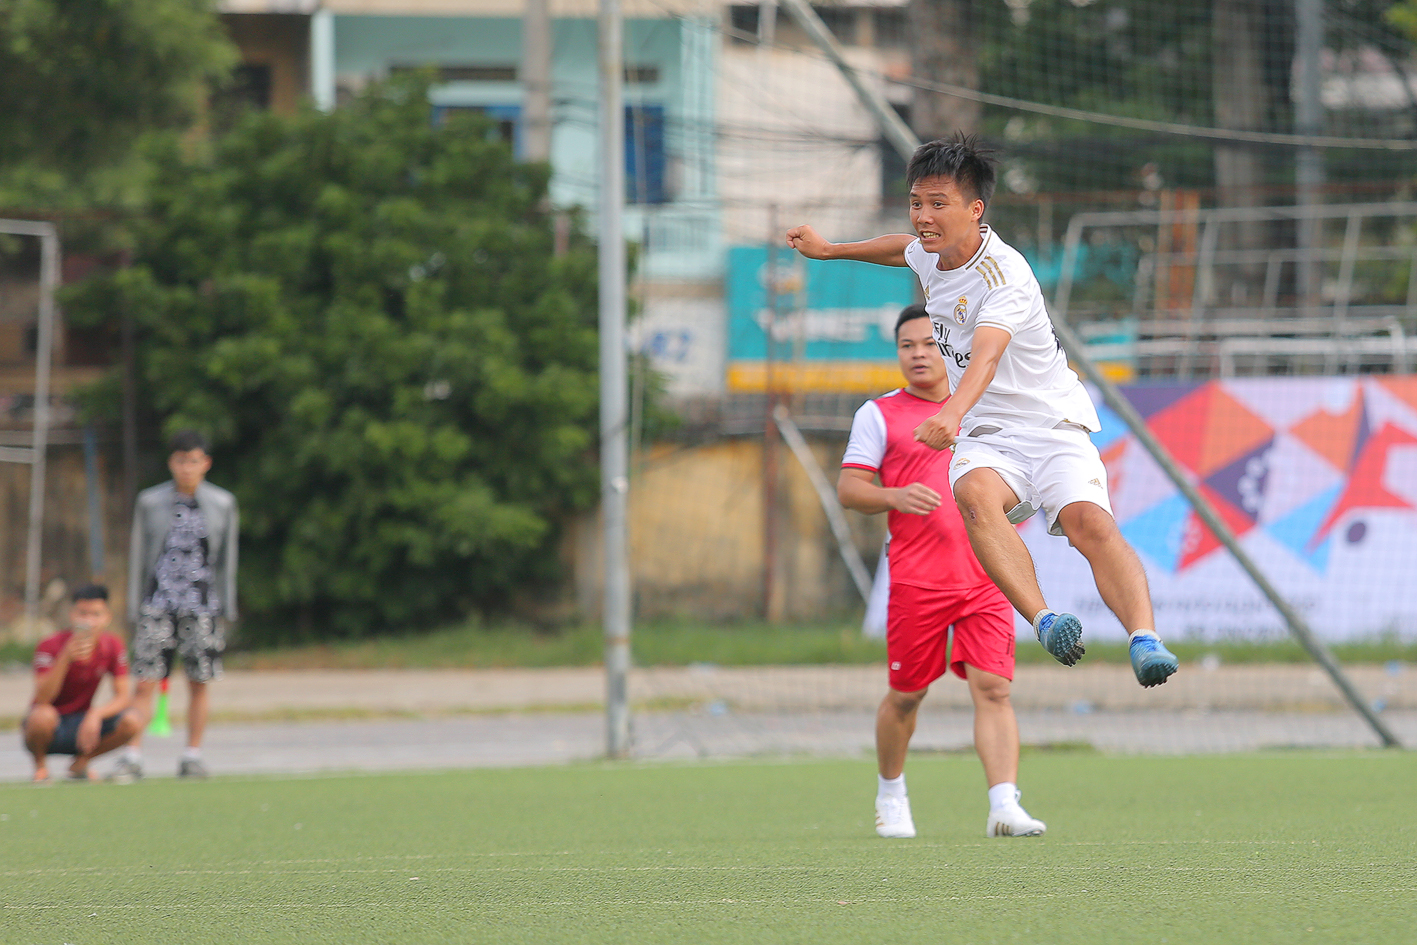 Những pha tranh bóng quyết liệt trước cầu môn của các đội bóng